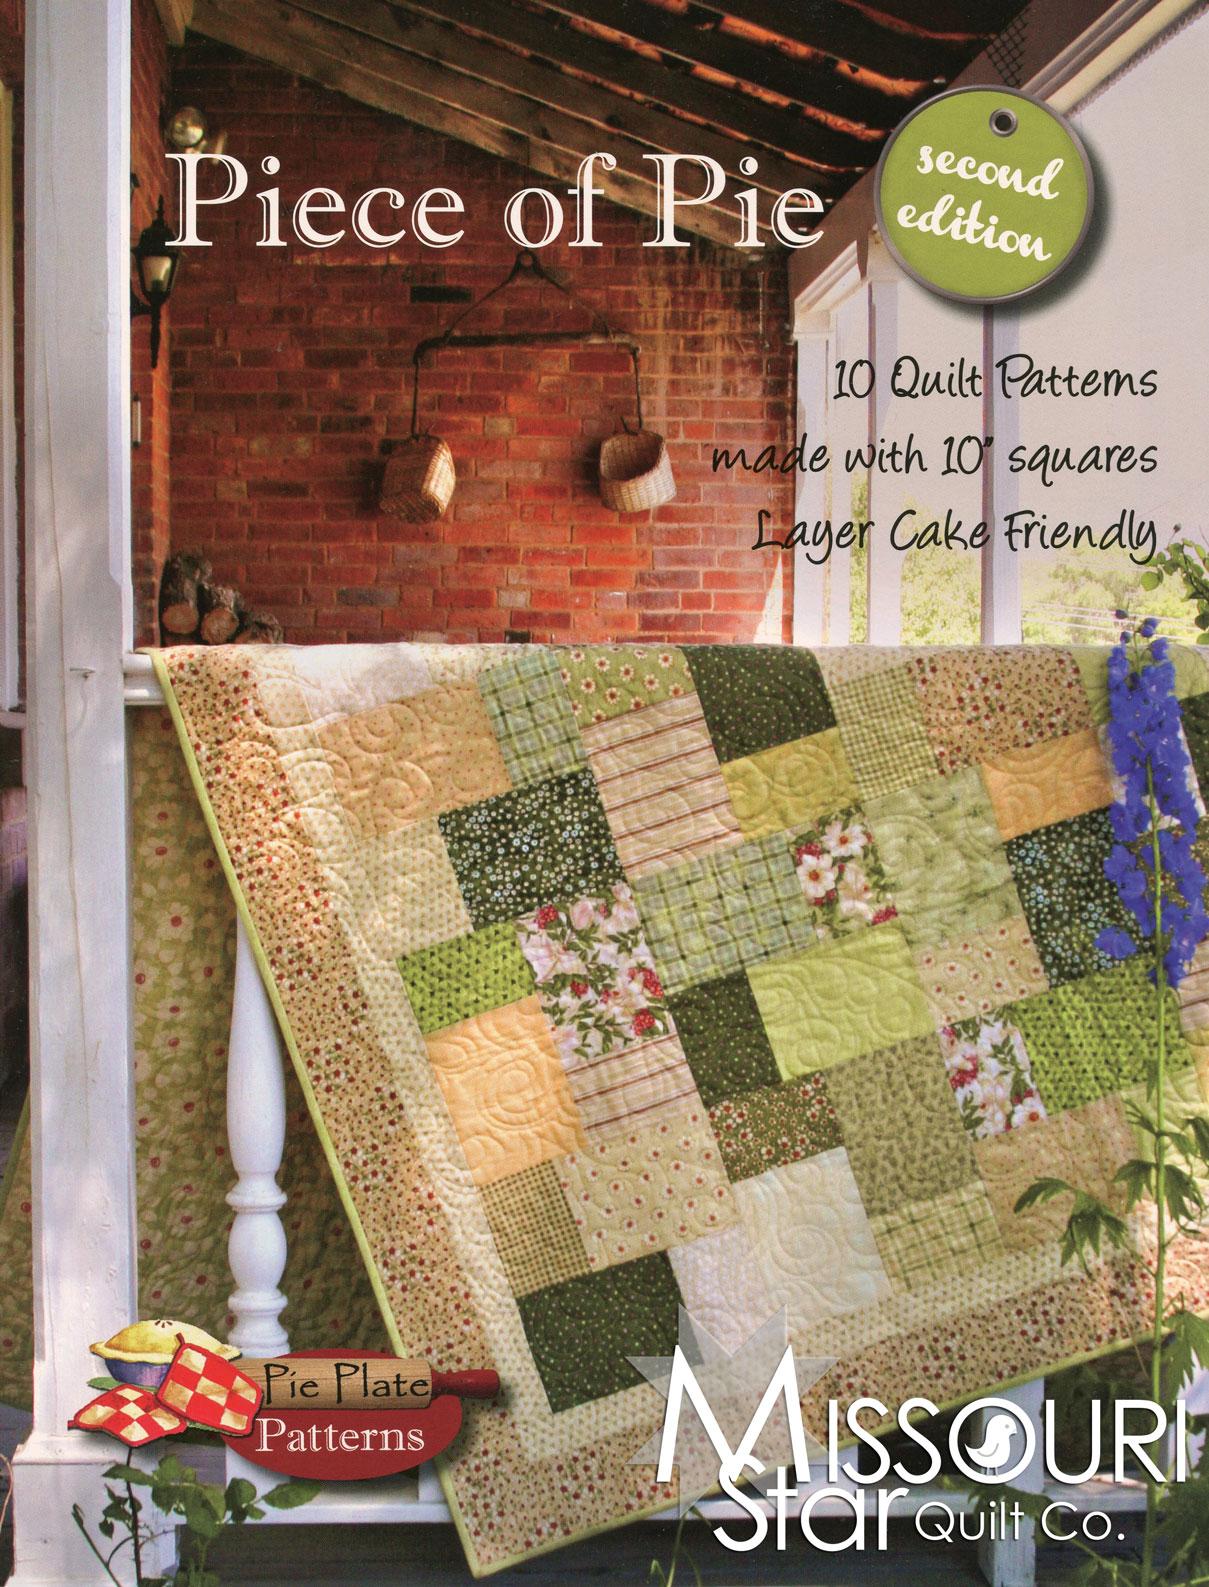 Piece of Pie Pattern Book & Piece of Pie Pattern Book - Pie Plate Patterns \u2014 Missouri Star Quilt Co.